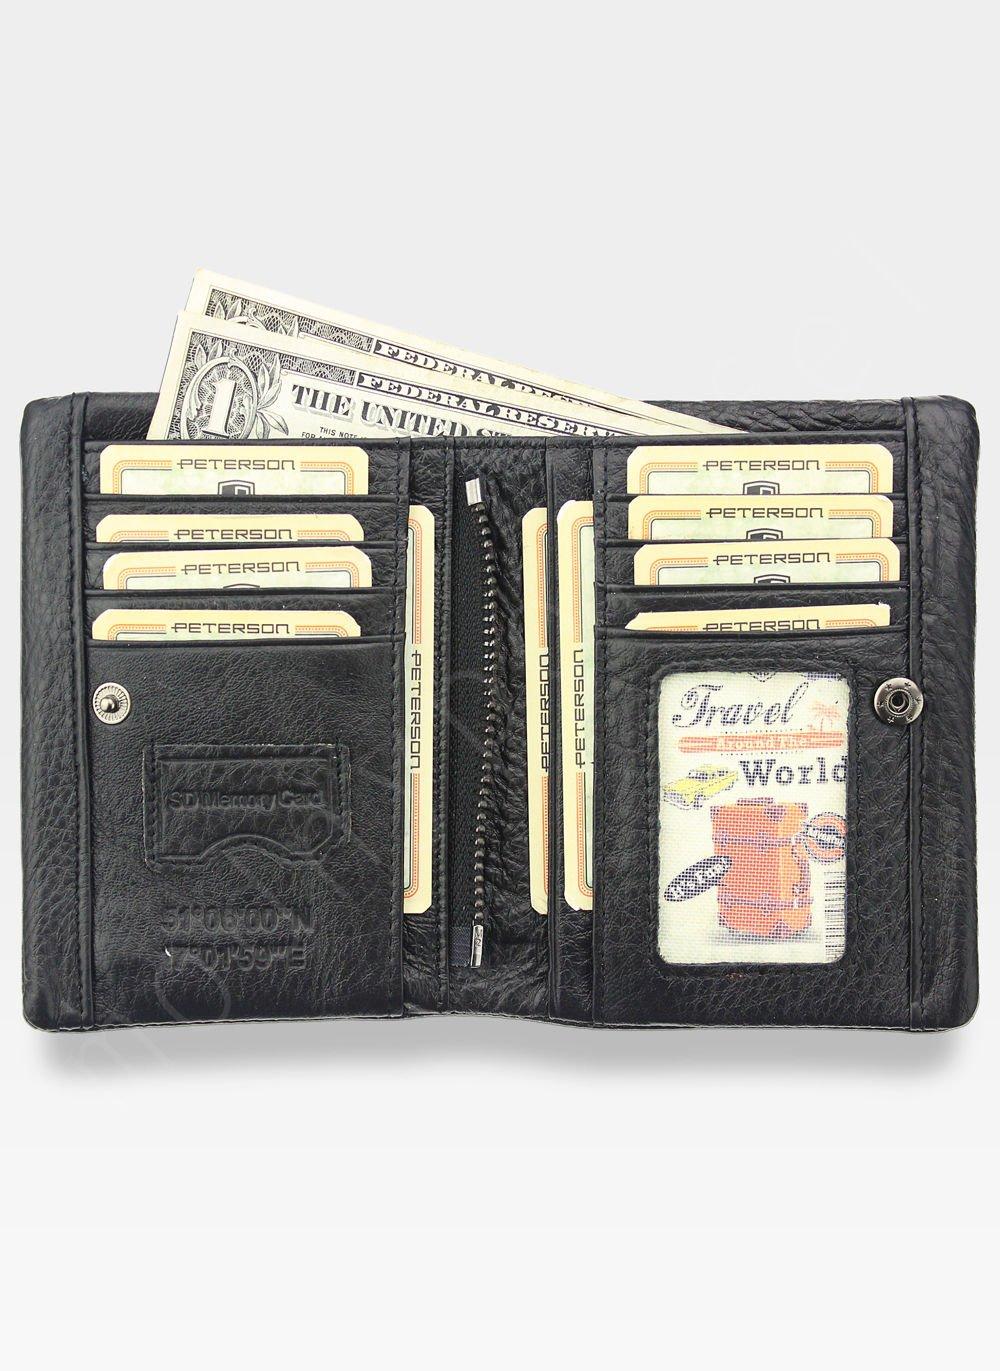 979efcd972bf1 ... Portfel Męski Peterson Skórzany Miękki Skóra Naturalna SD Card 8102  Czarny Kliknij, aby powiększyć ...